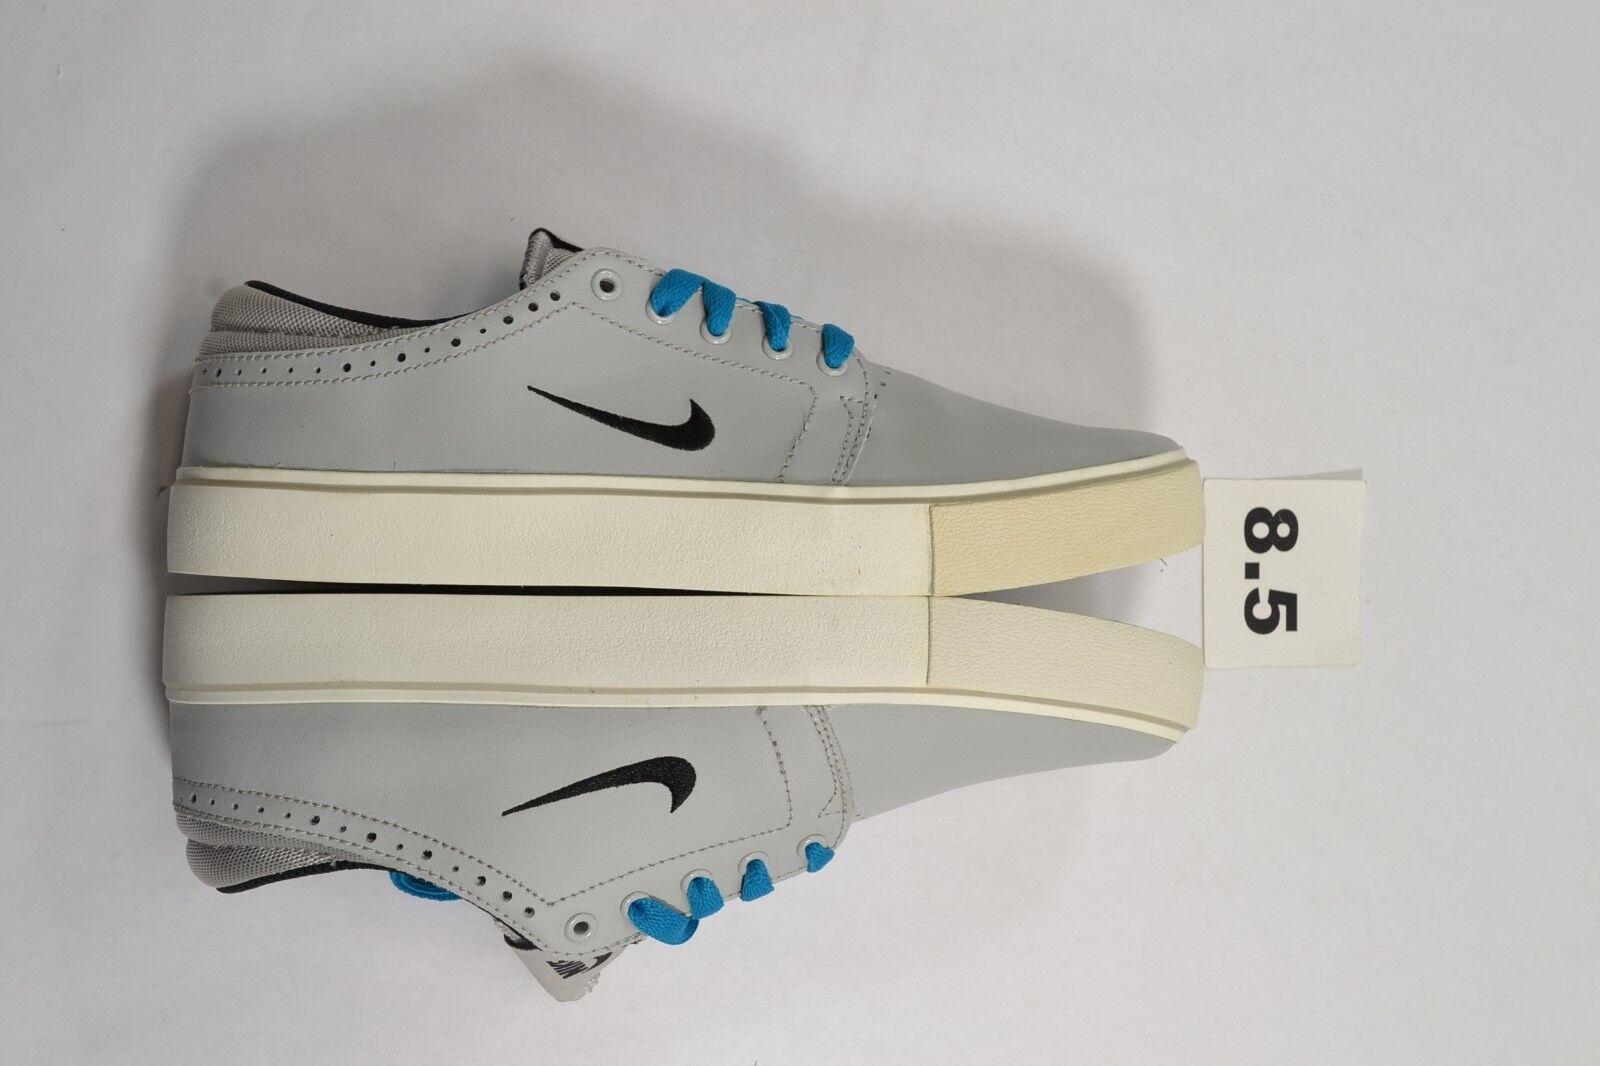 Nike sb squadra edizione strati neri neo uomo turchese vela (d) (234), scarpe da uomo neo 566175